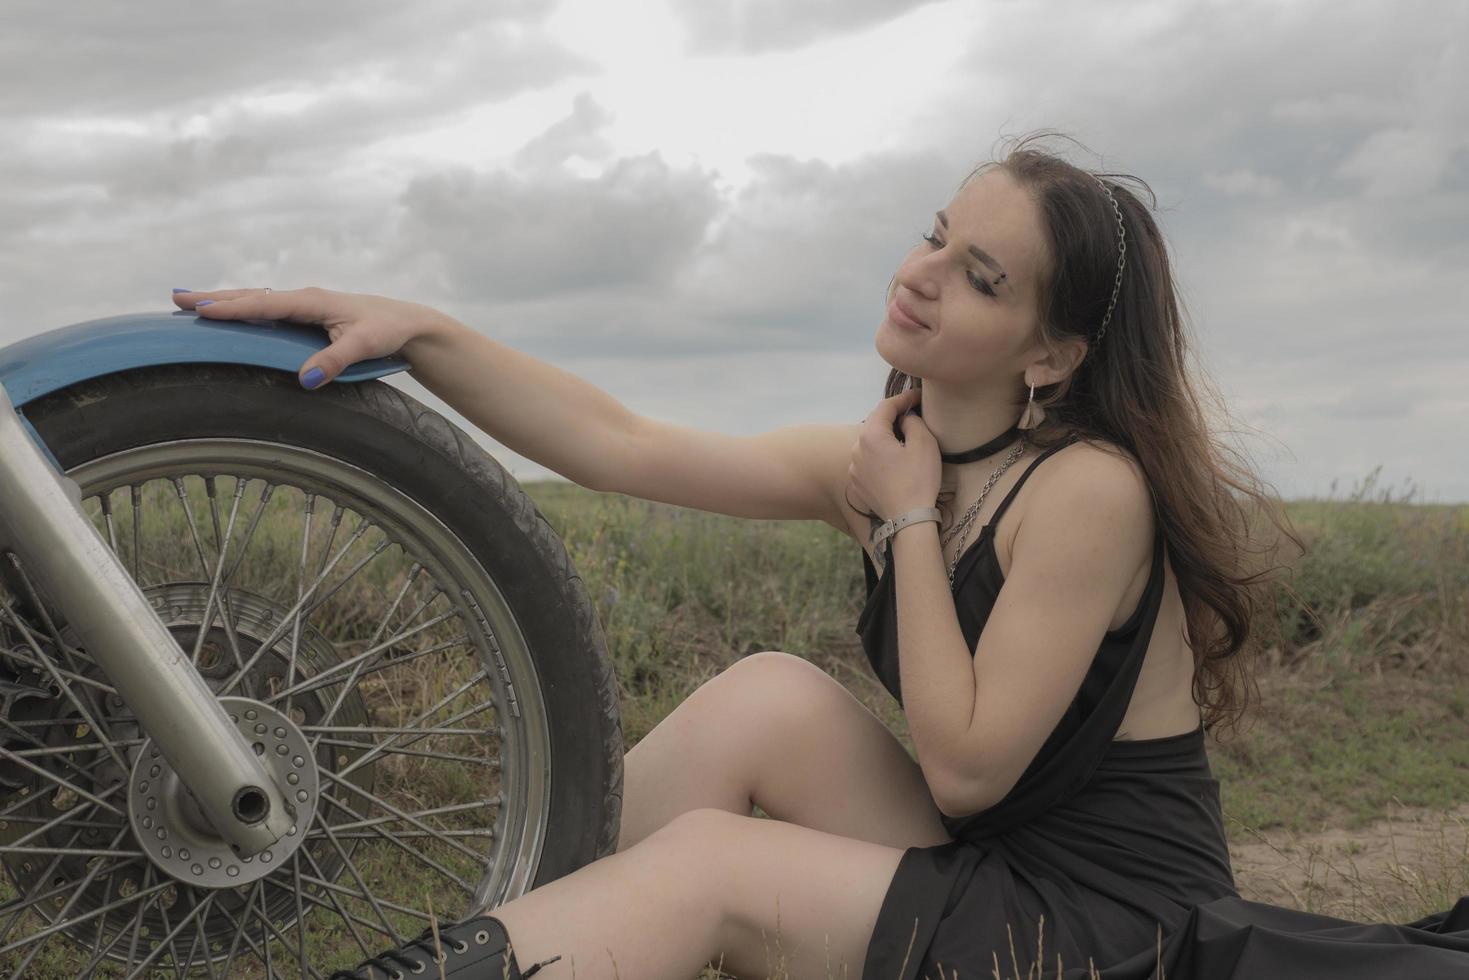 ciclista morena en una motocicleta en el campo de lavanda contra el cielo con nubes lenta foto